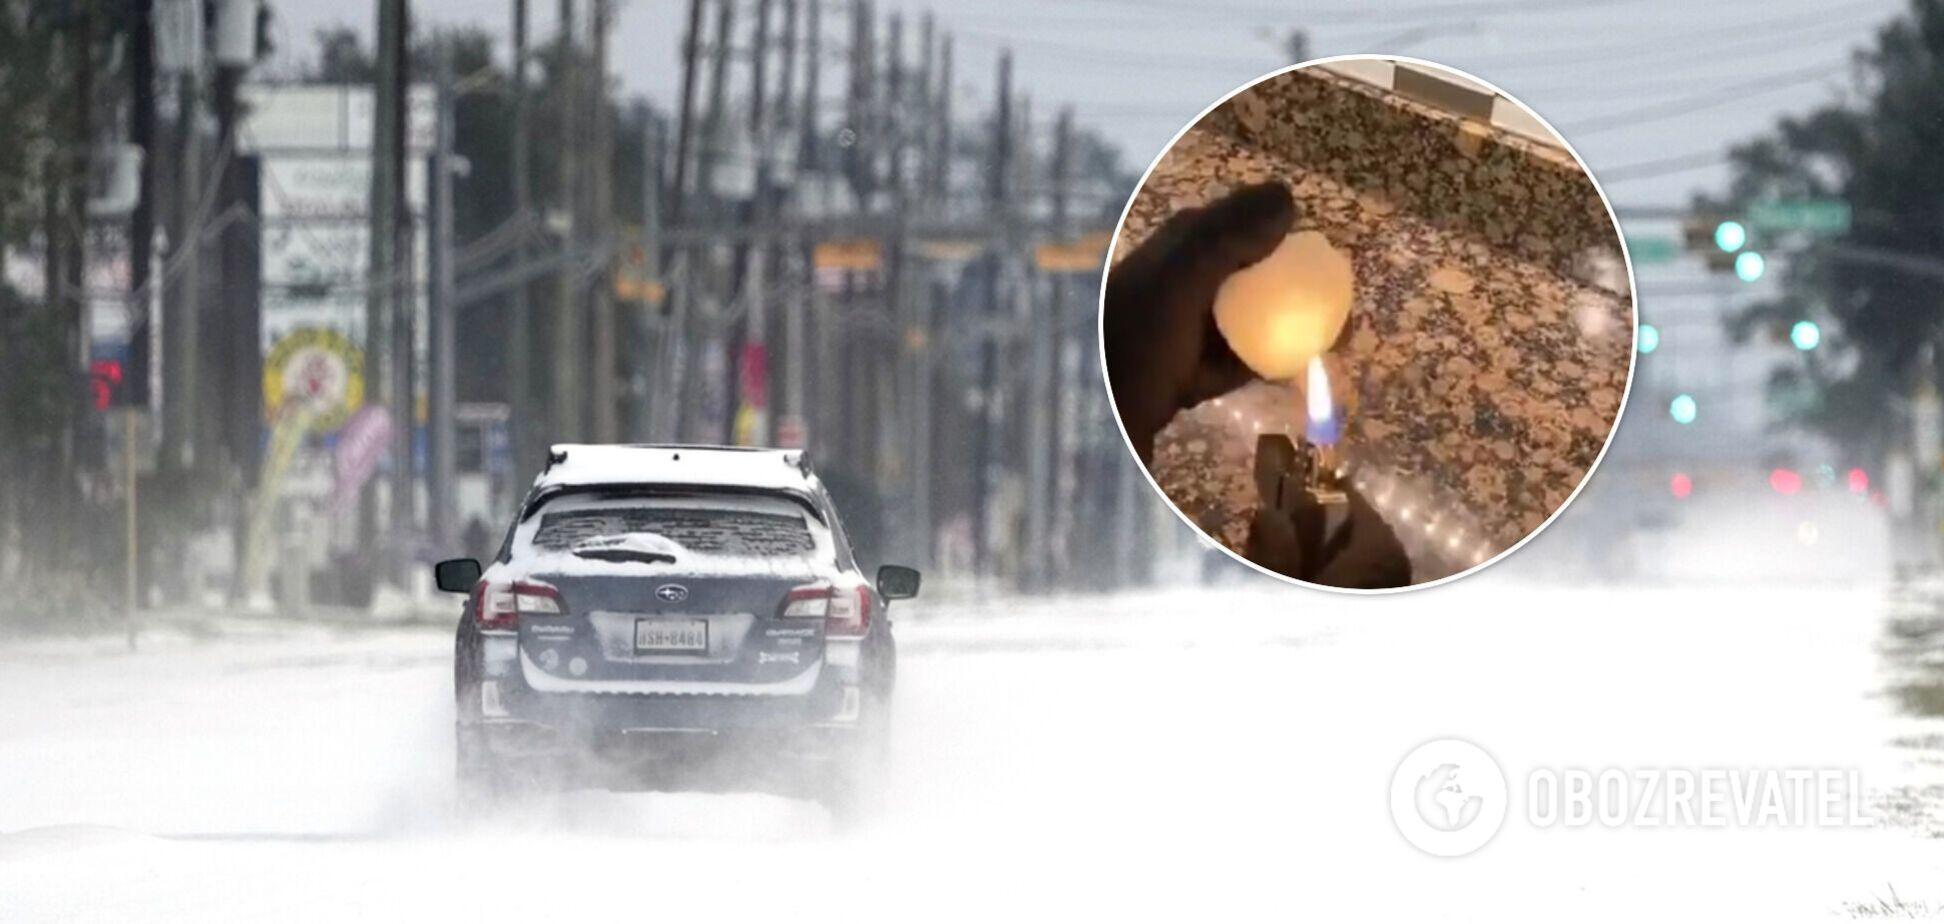 У США почали поширювати теорію про 'фейковий' сніг та змову влади. Відео